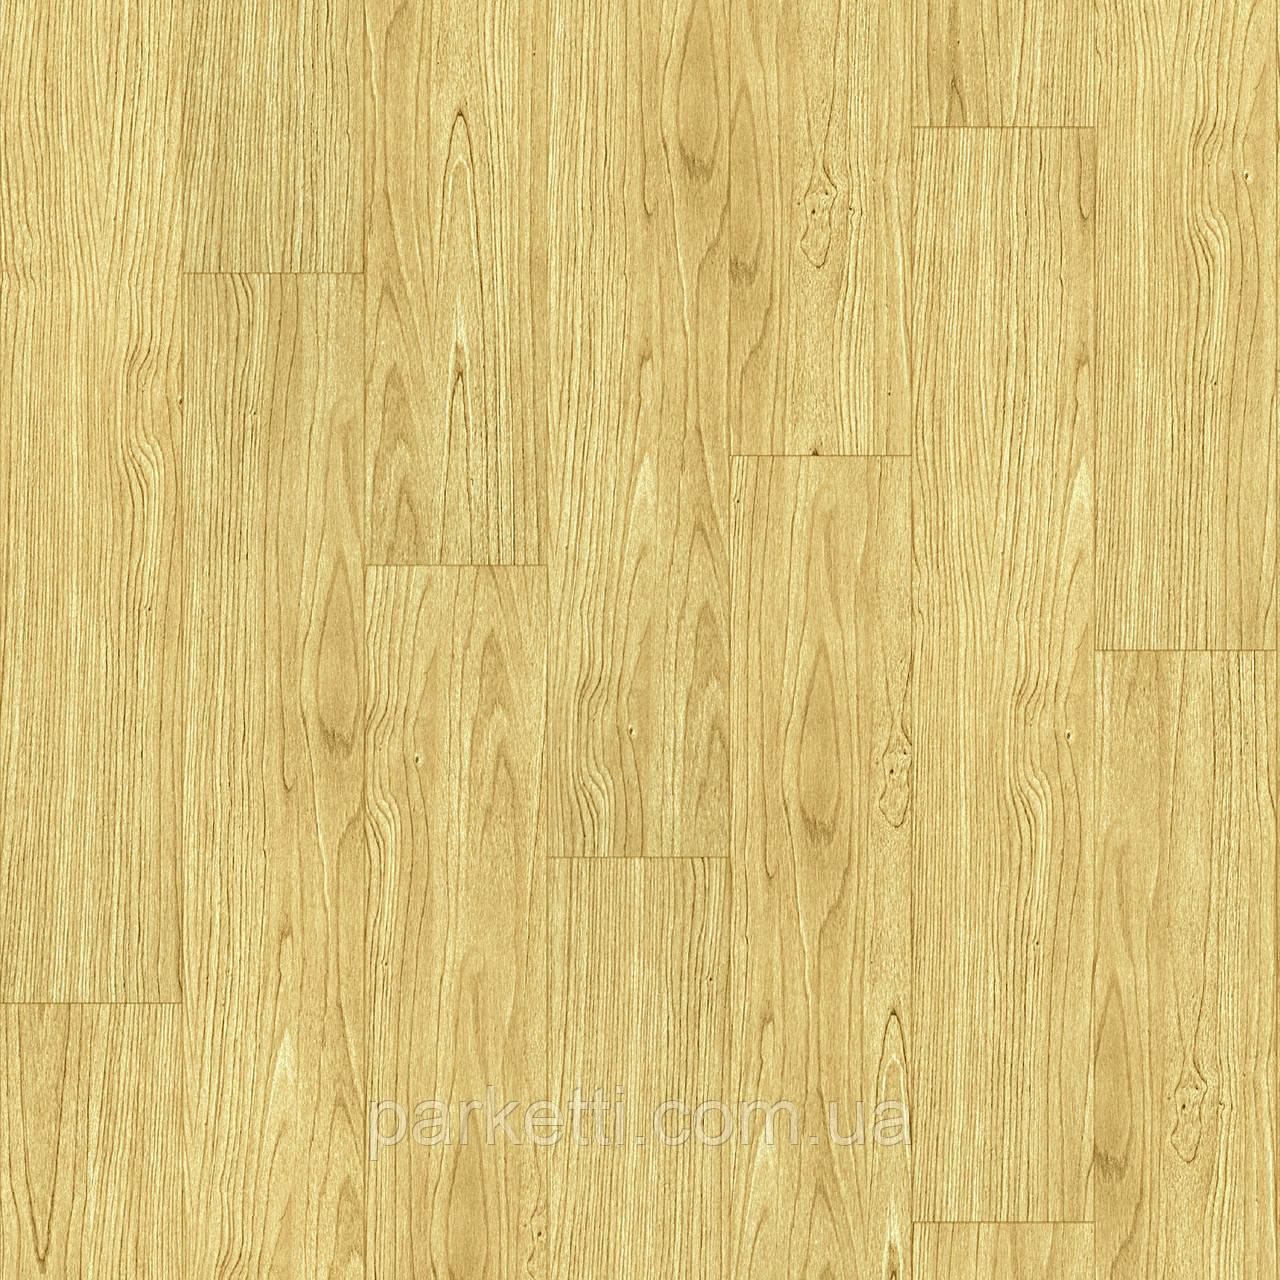 DLW 24003-140 Cottage Oaknatural виниловая плитка Scala 40 - Parketti - паркет, паркетная доска, массив, ламинат, линолеум, ковролин, террасная доска в Украине в Харькове